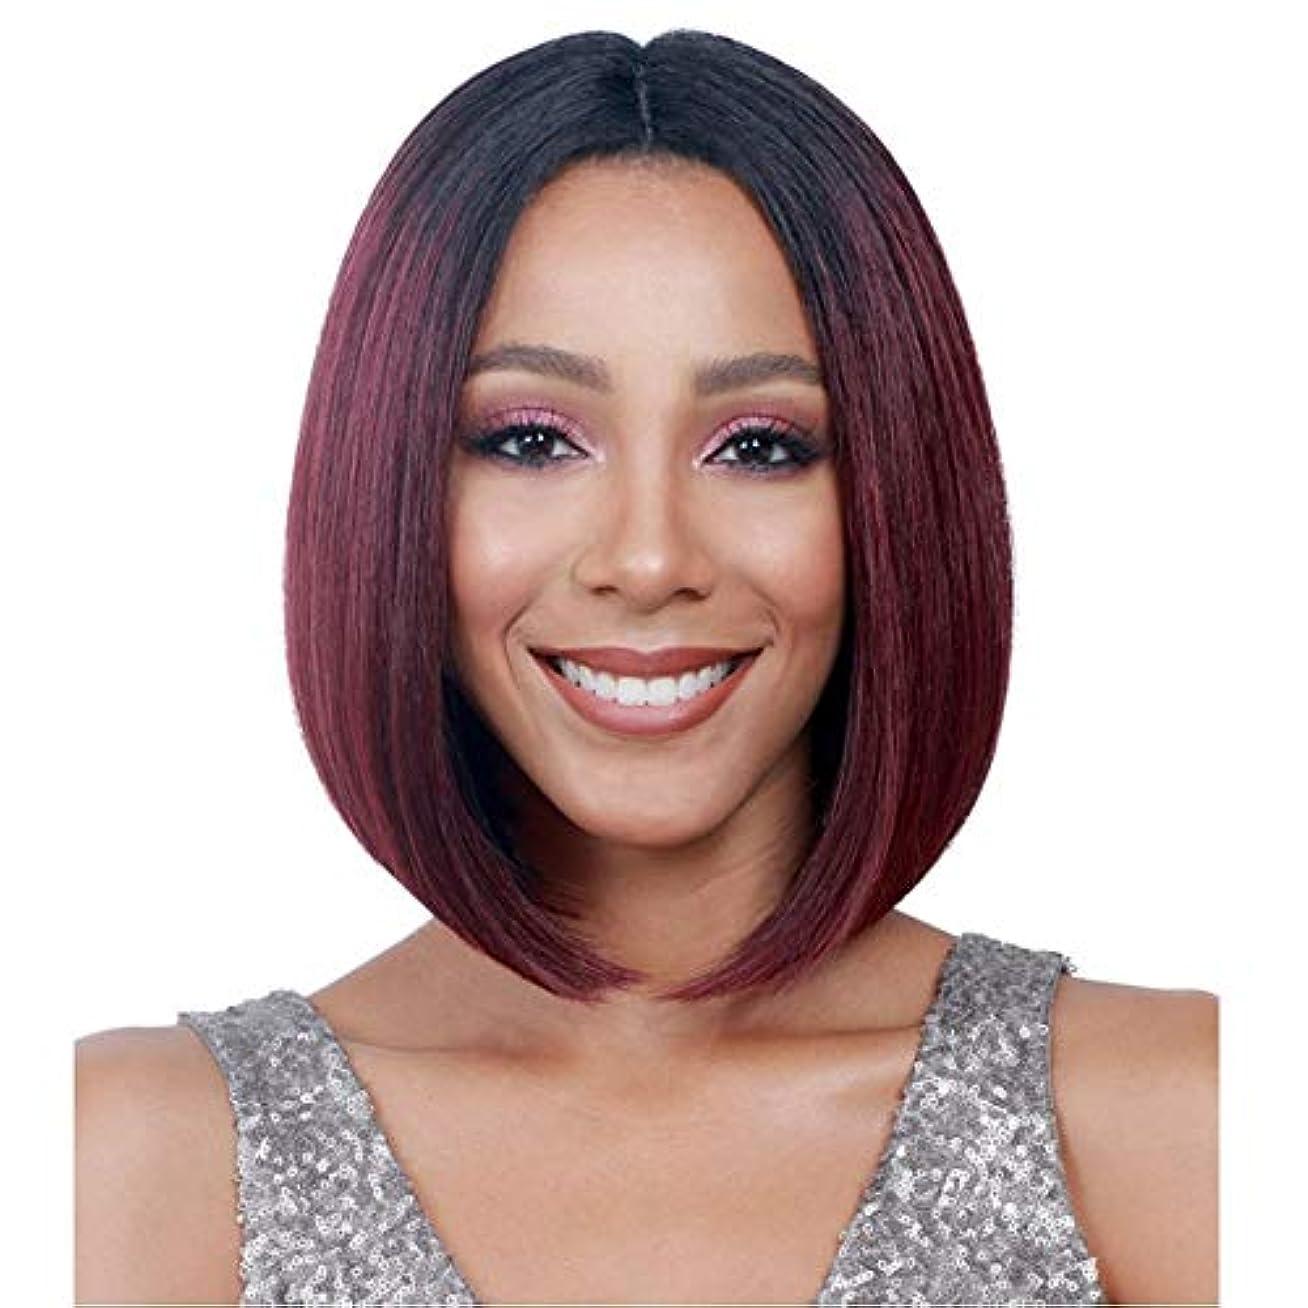 農夫打ち上げる病YOUQIU 女性黒のルーツ自然な女性の毎日のヘアウィッグのかつらのためにワインレッドボブウィッグ (色 : ワインレッド)